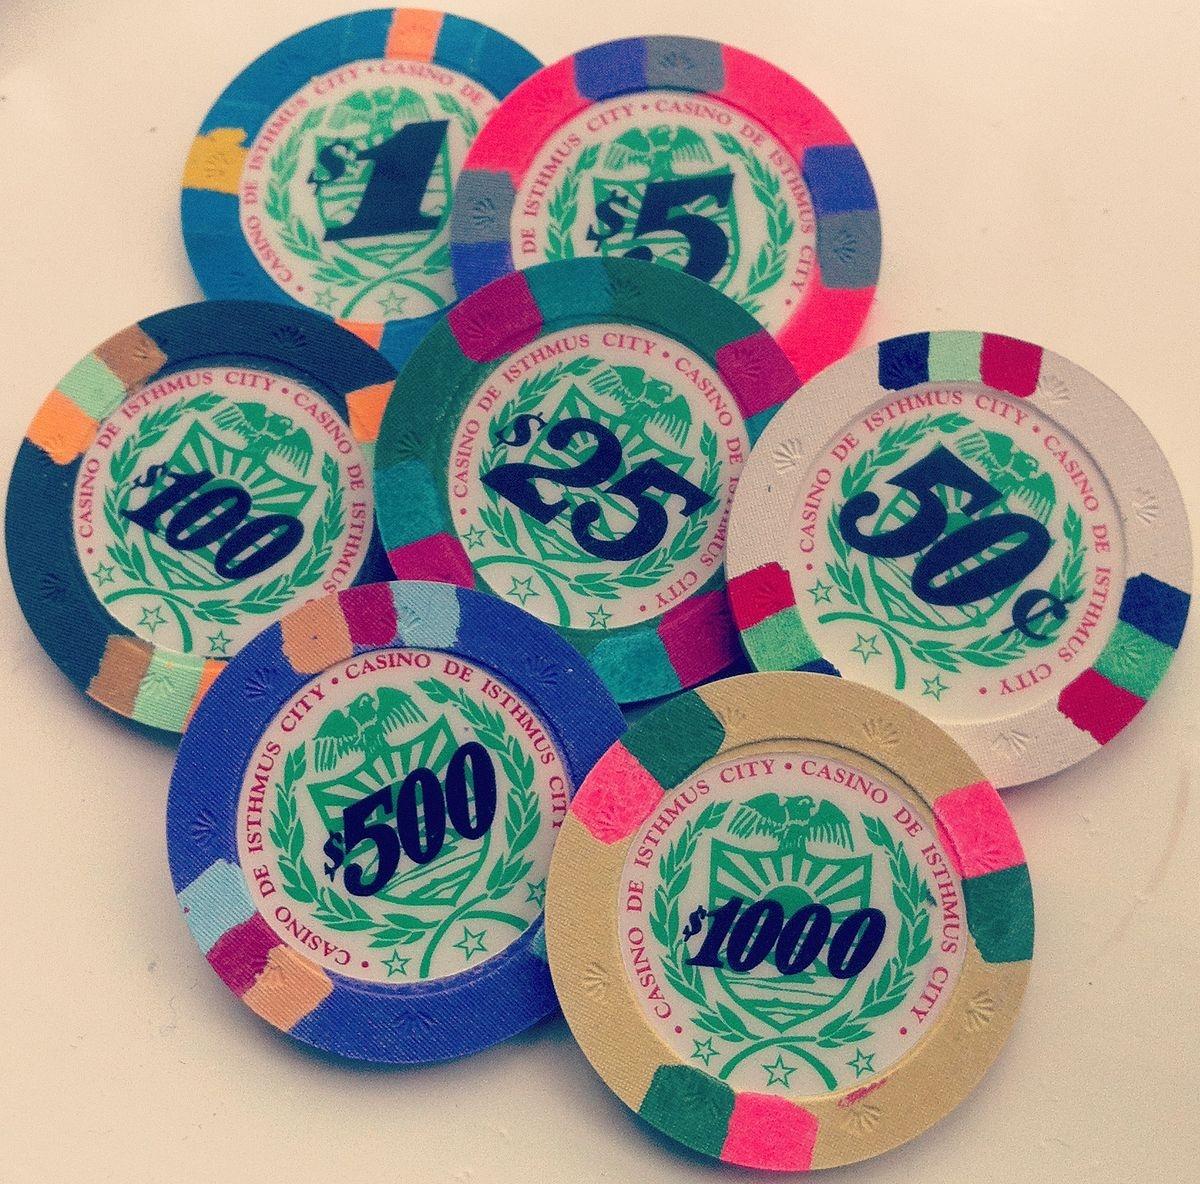 การแข่งขัน Eur 830 ฟรีคาสิโนที่ Casino.com